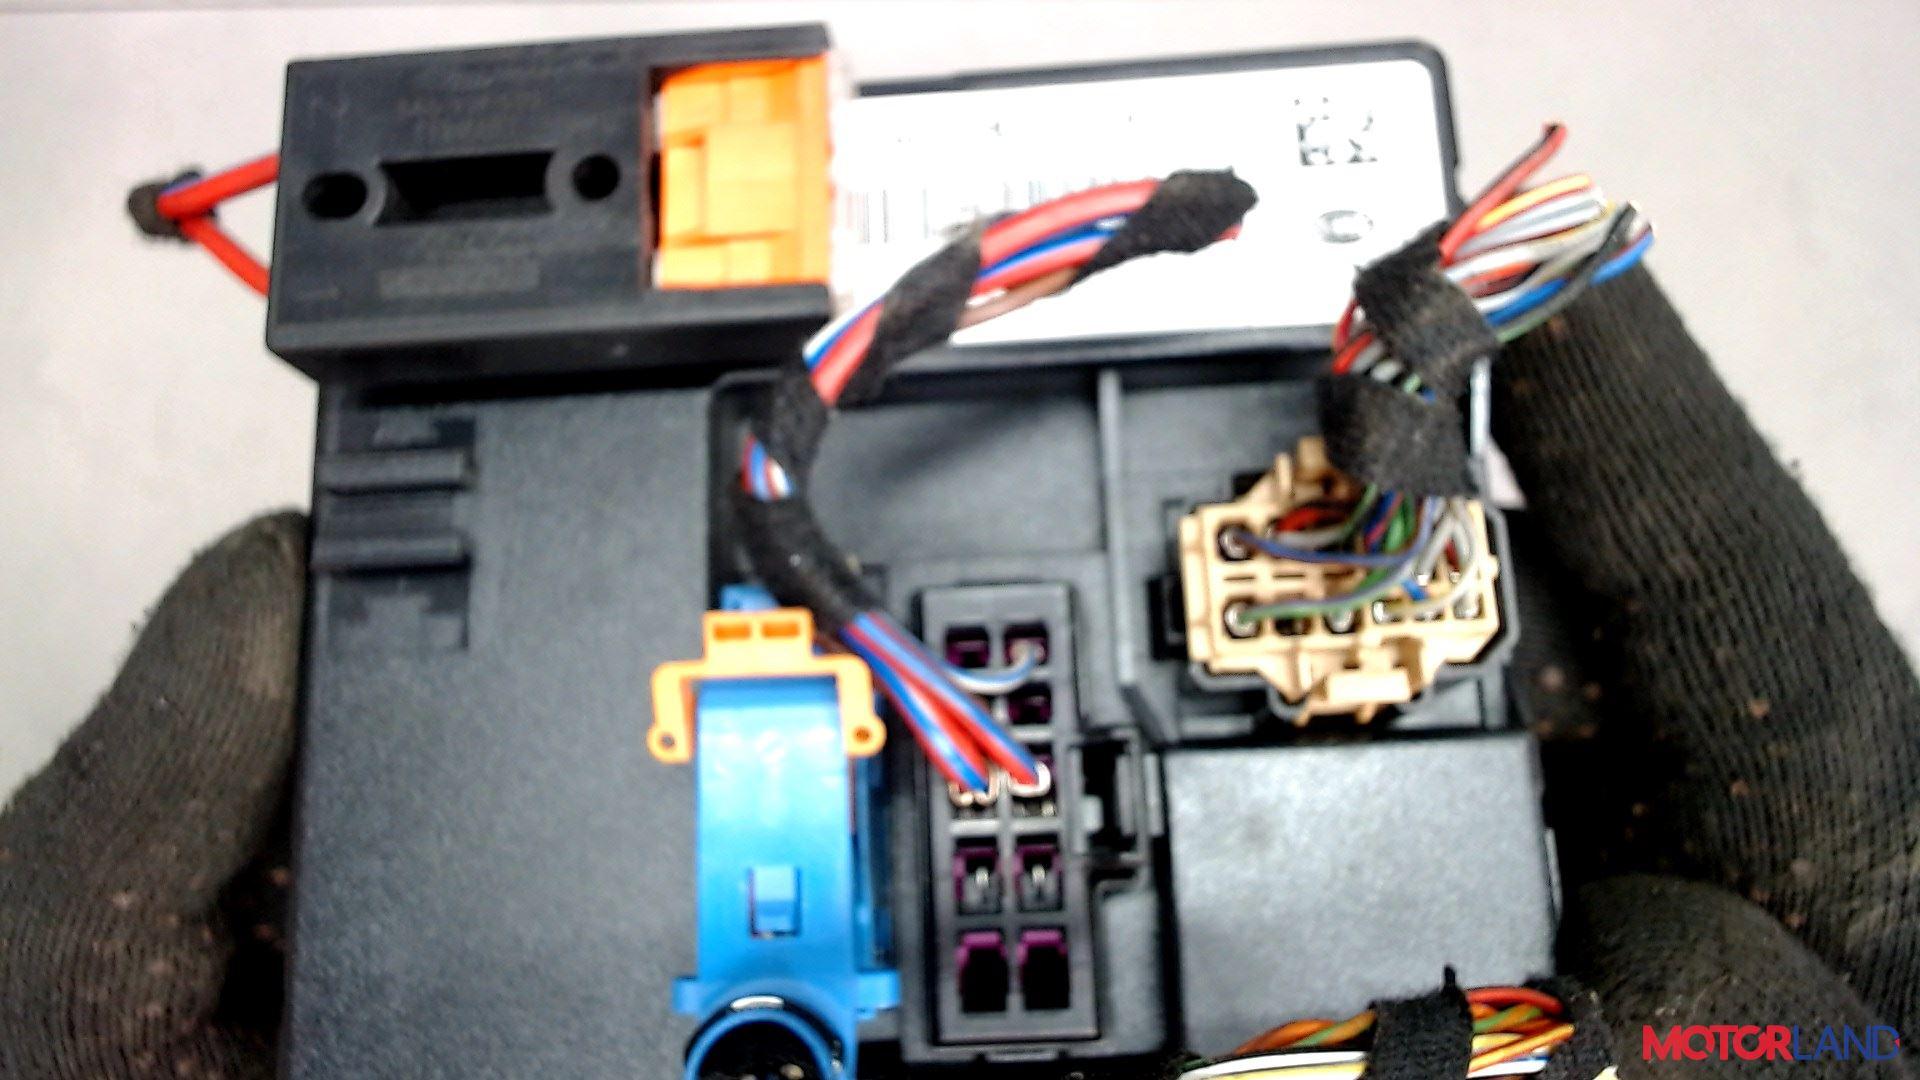 Блок управления (ЭБУ) Audi A6 (C6) 2005-2011 2.7 л. 2006 BPP б/у #4